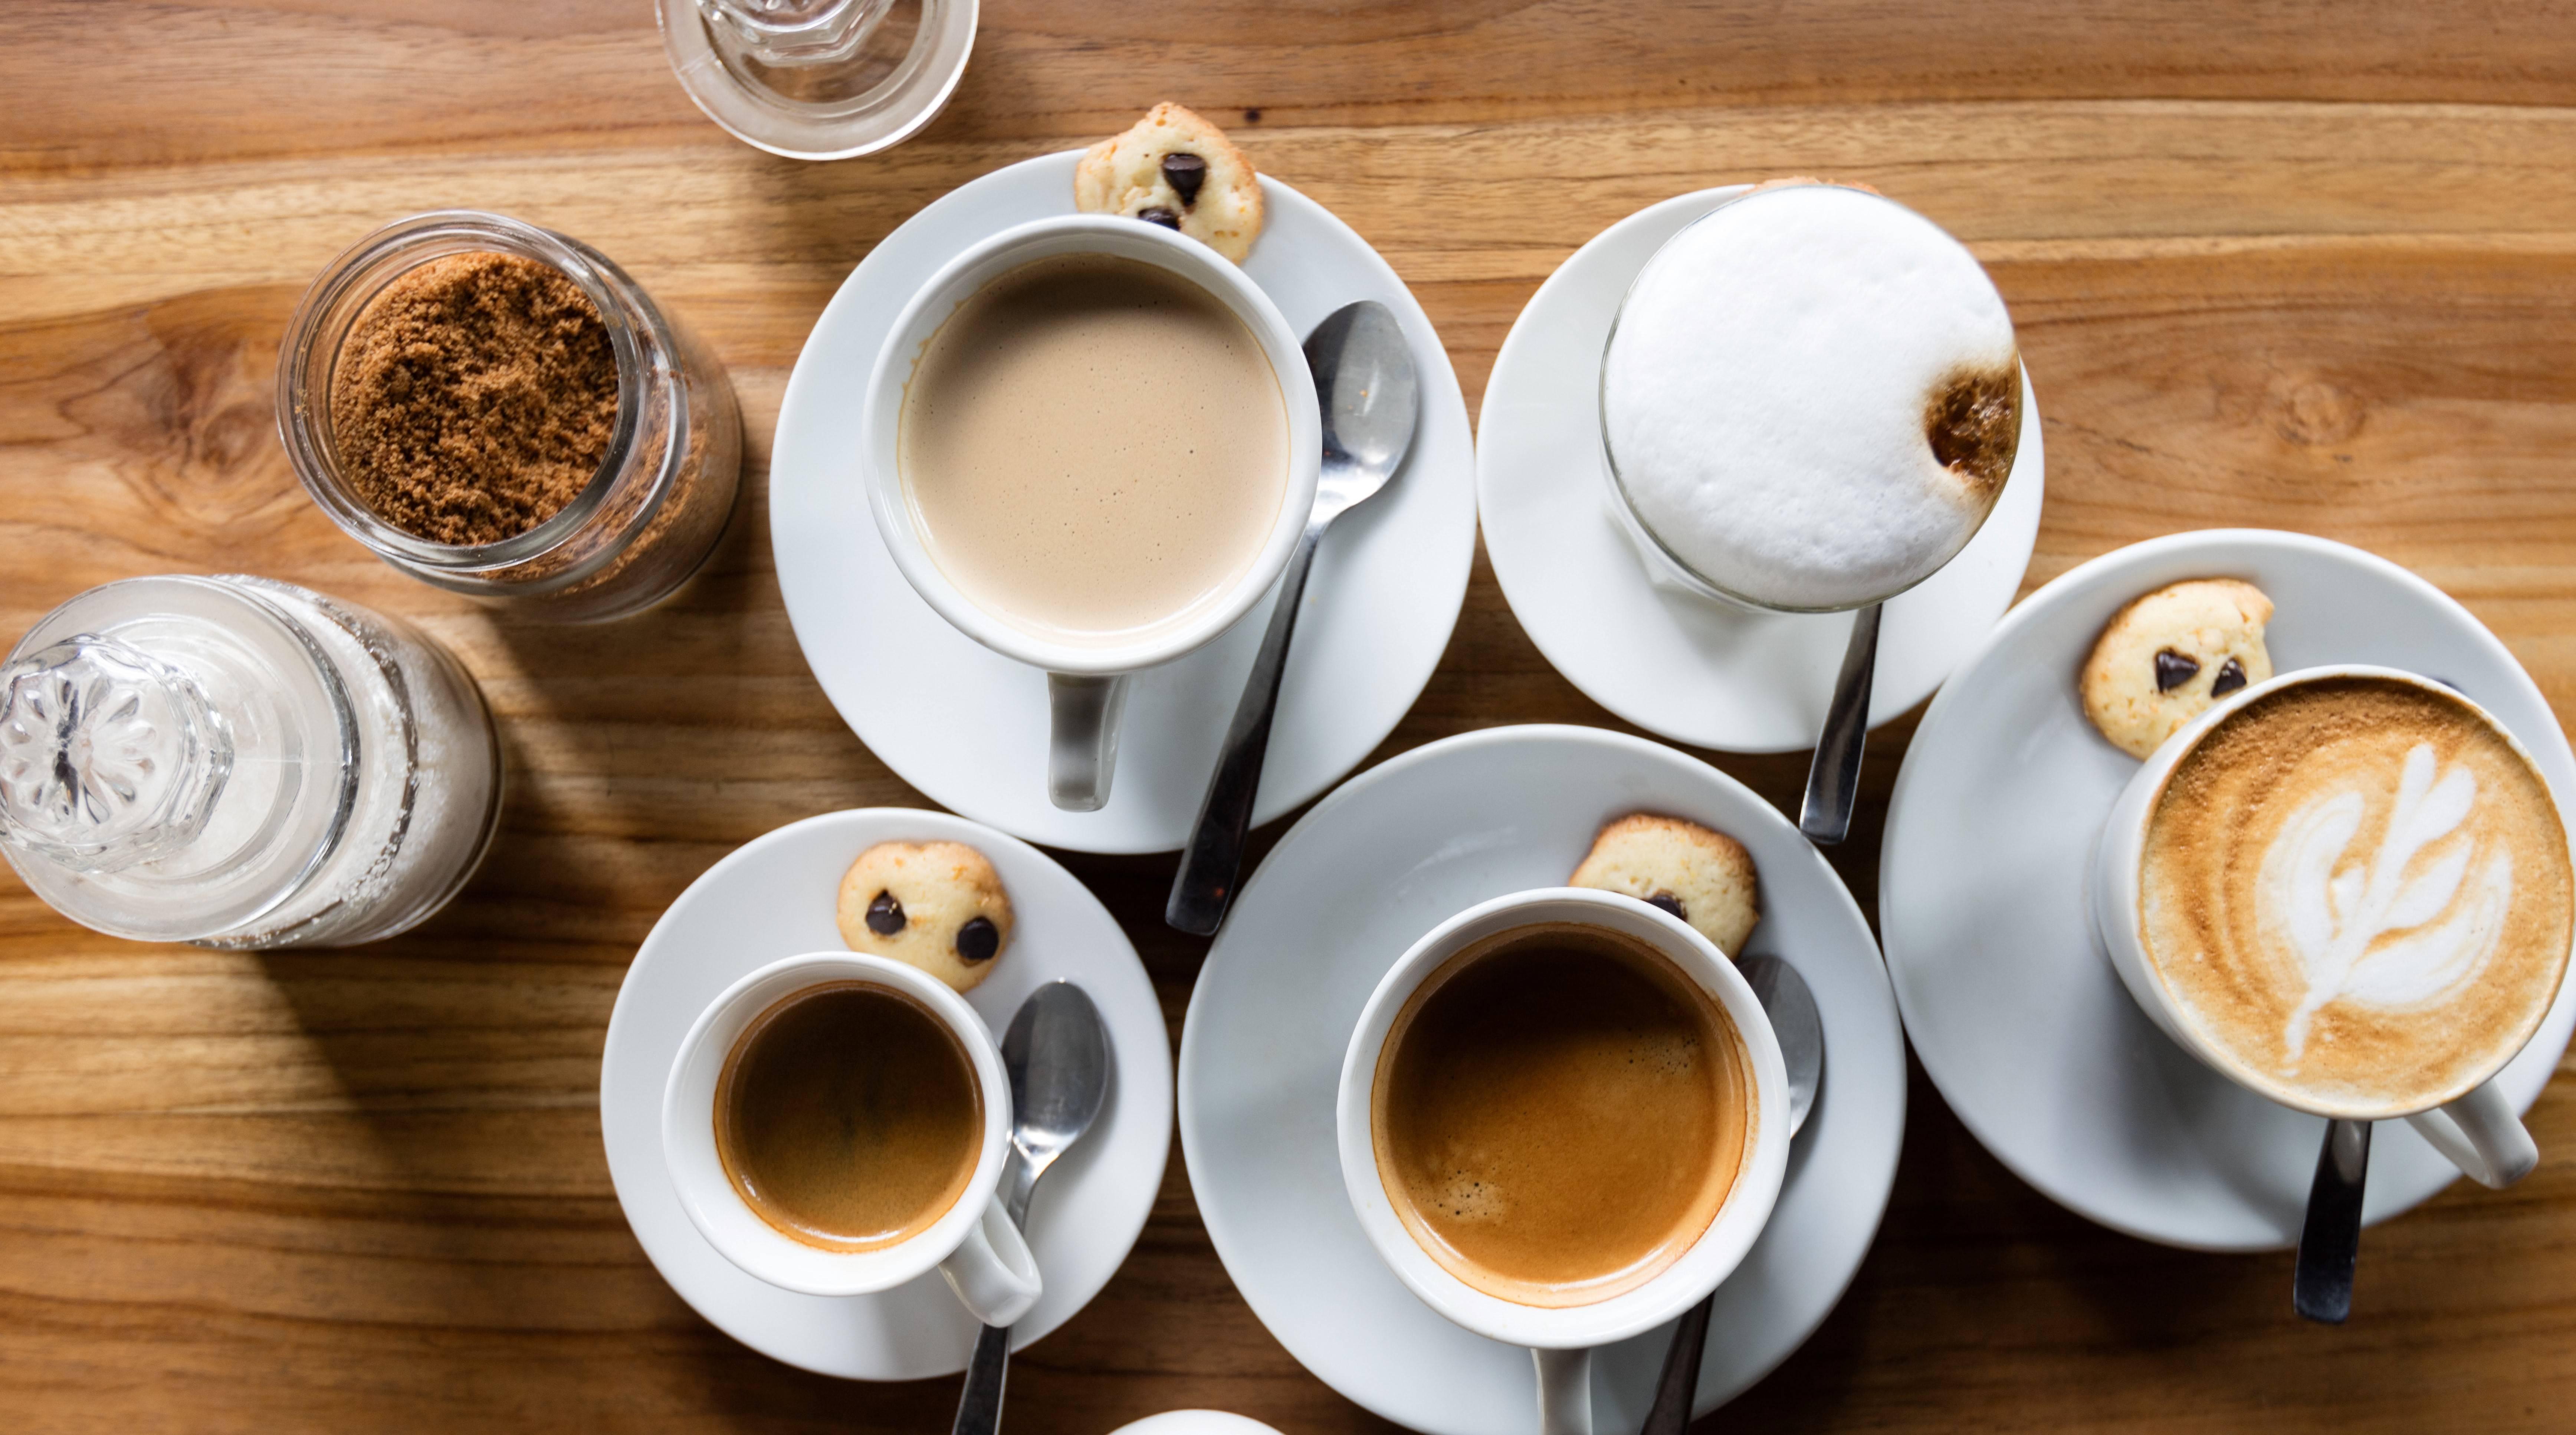 www.juicysantos.com.br - guia do café em santos sp